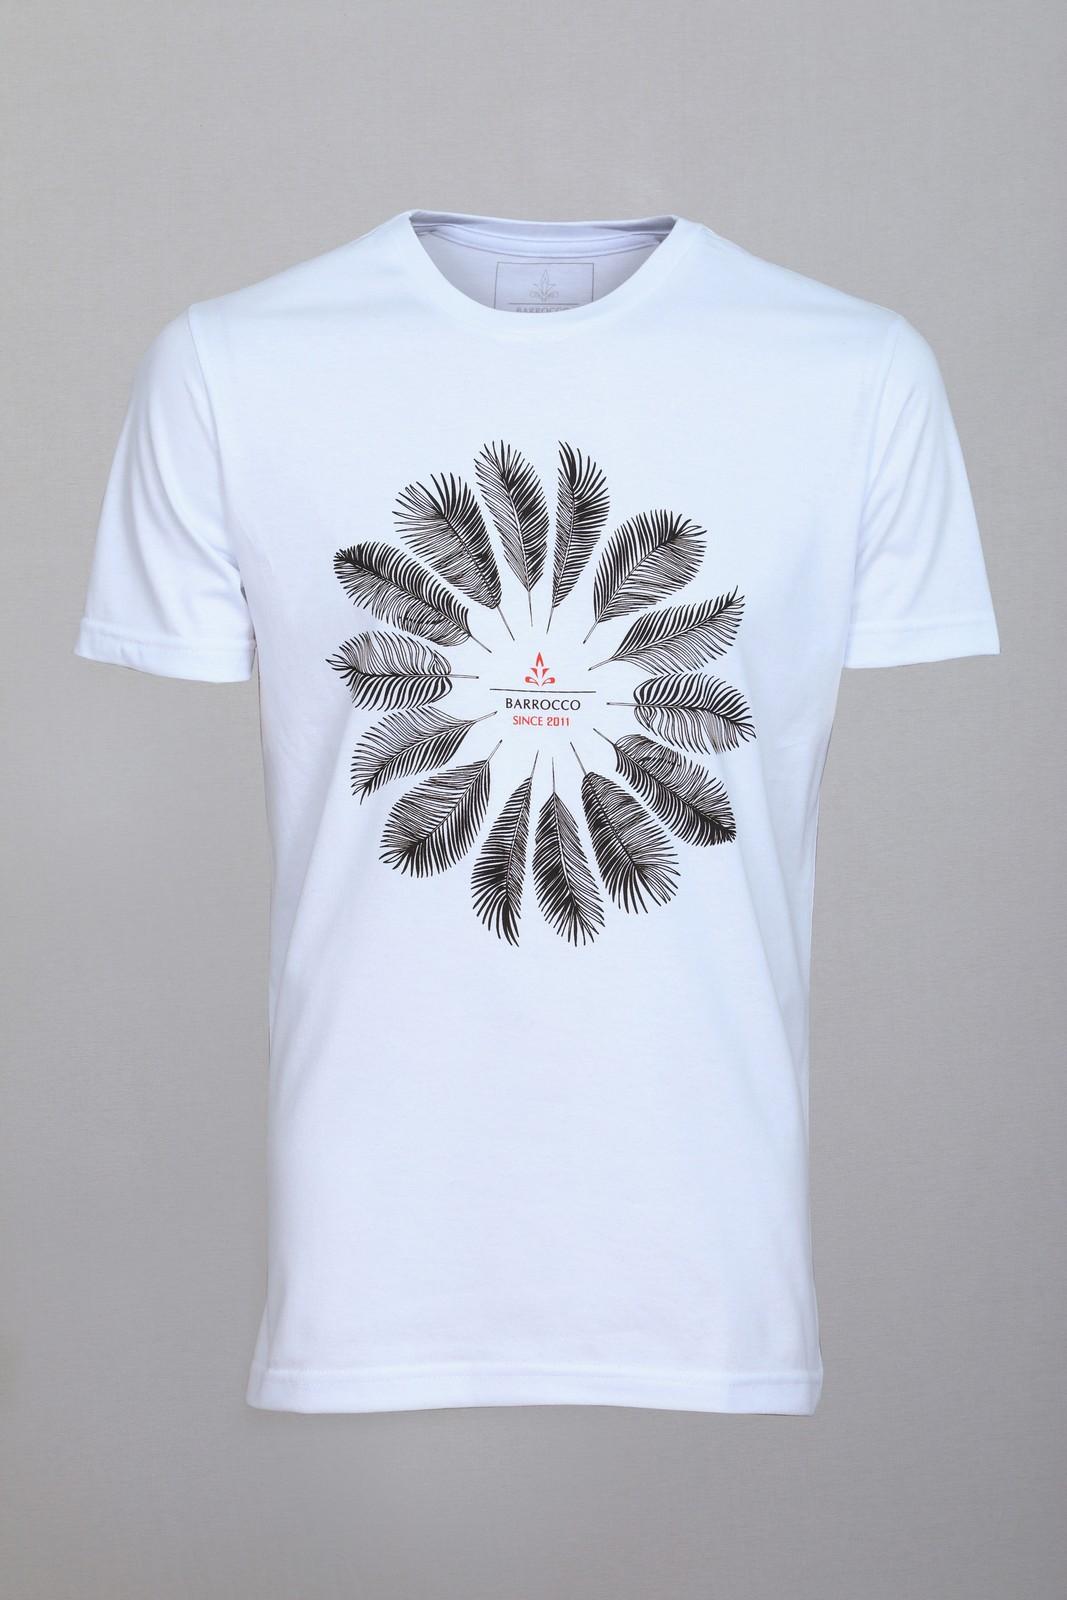 Camiseta Barrocco Palmeira - FRETE GRÁTIS